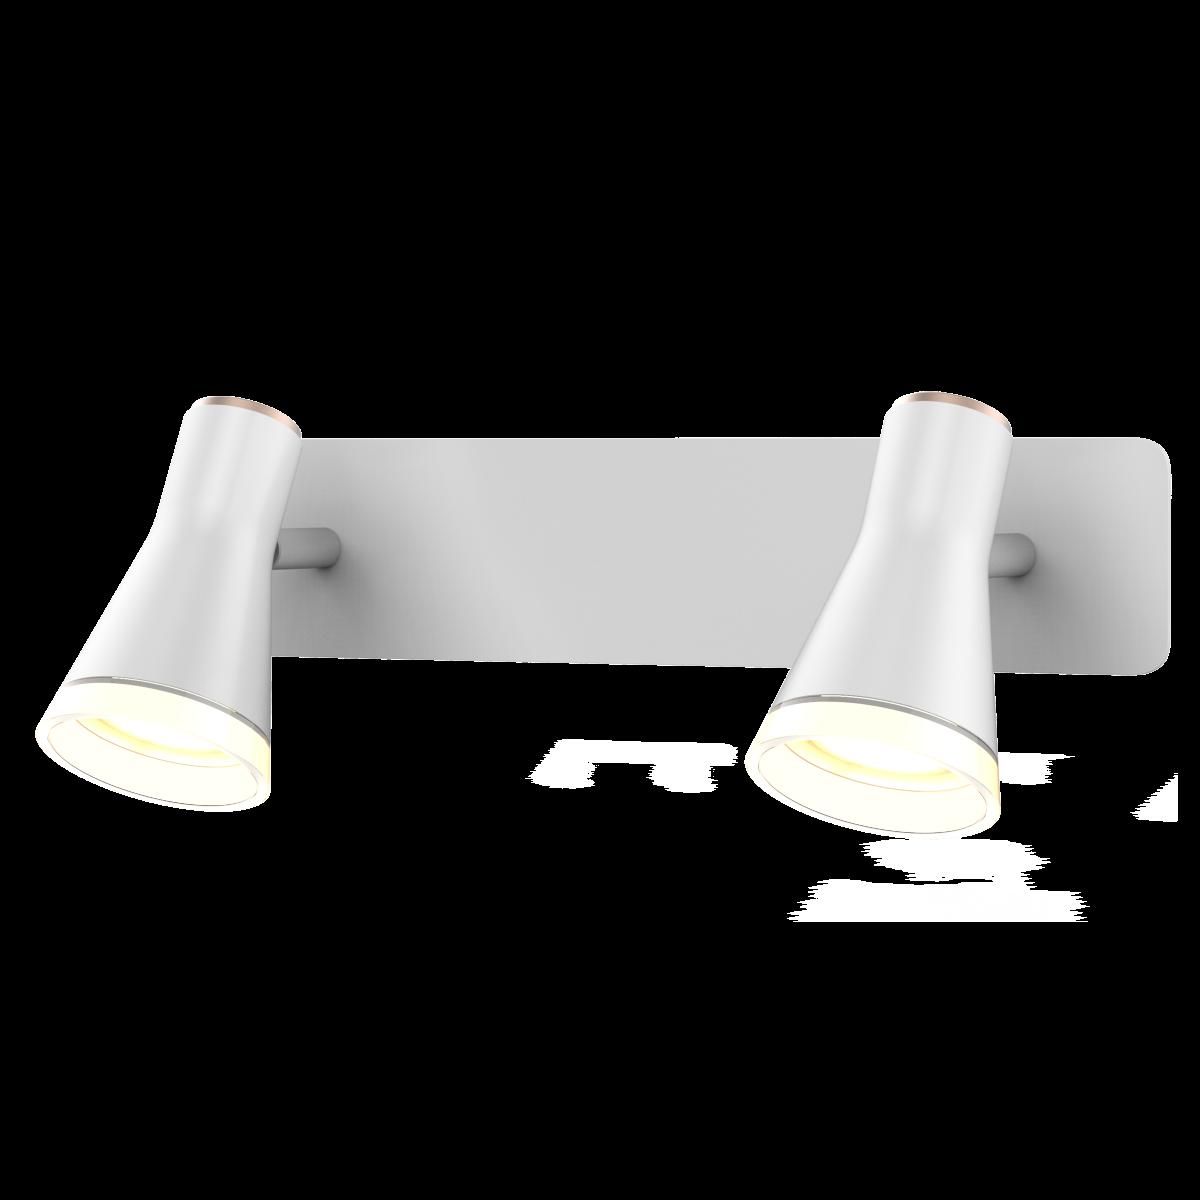 Спотовий світлодіодний світильник (бра) MAXUS MSL-02W 2x4W 4100K Білий